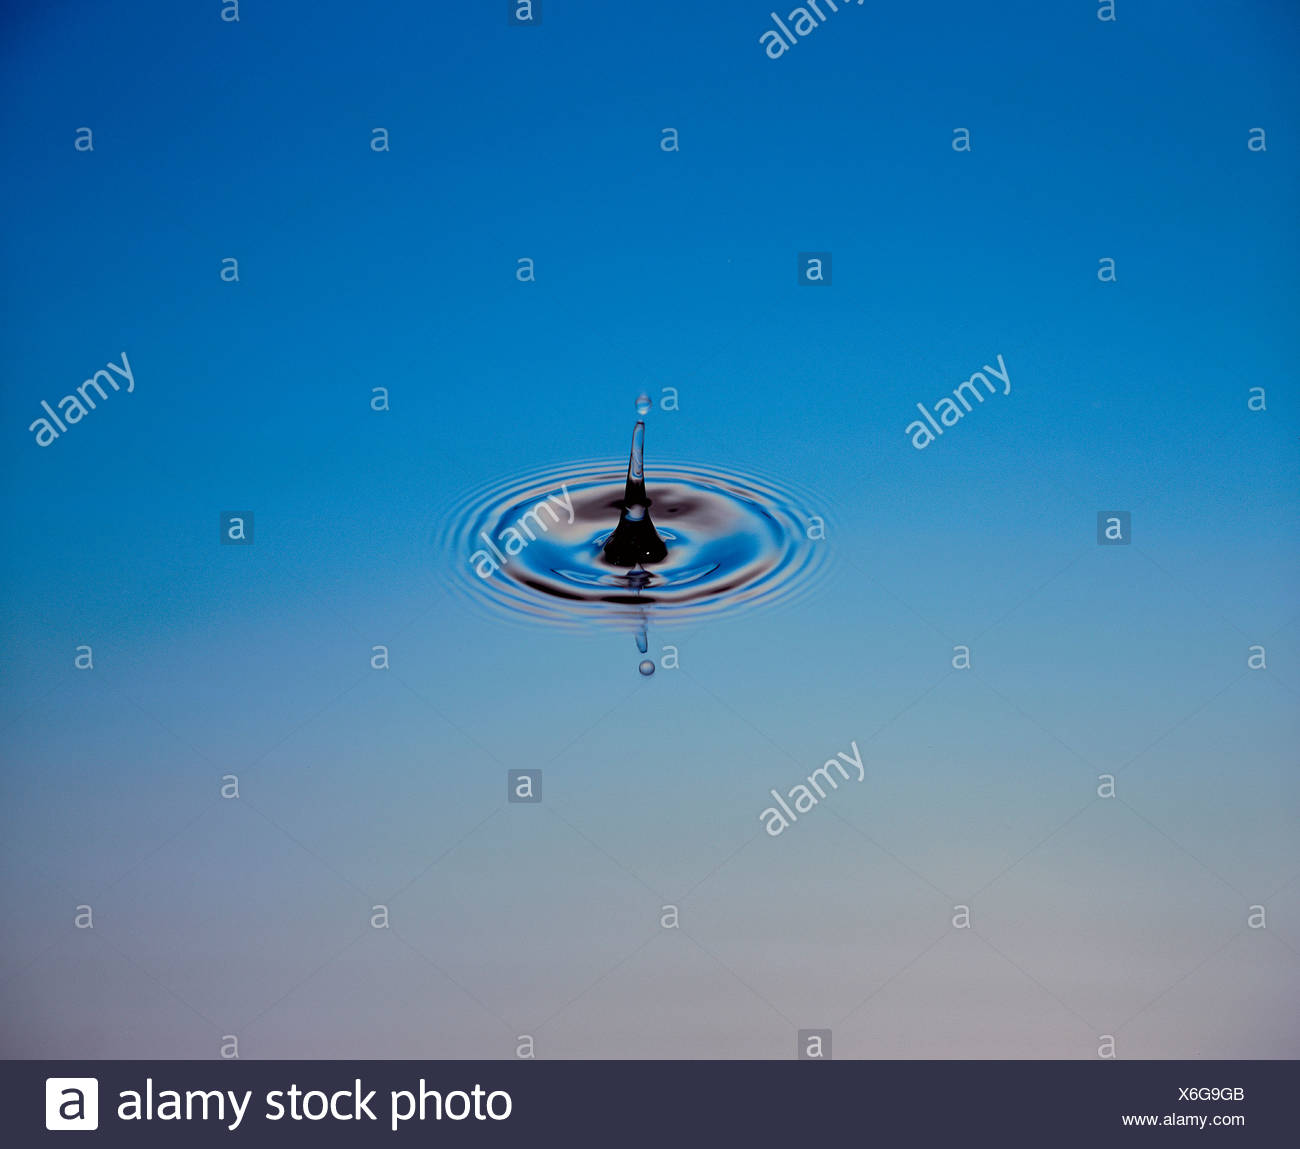 Acqua gli anelli di caduta di gocce di acqua cerchi anelli di nervature a livello delle forme d'onda Immagini Stock